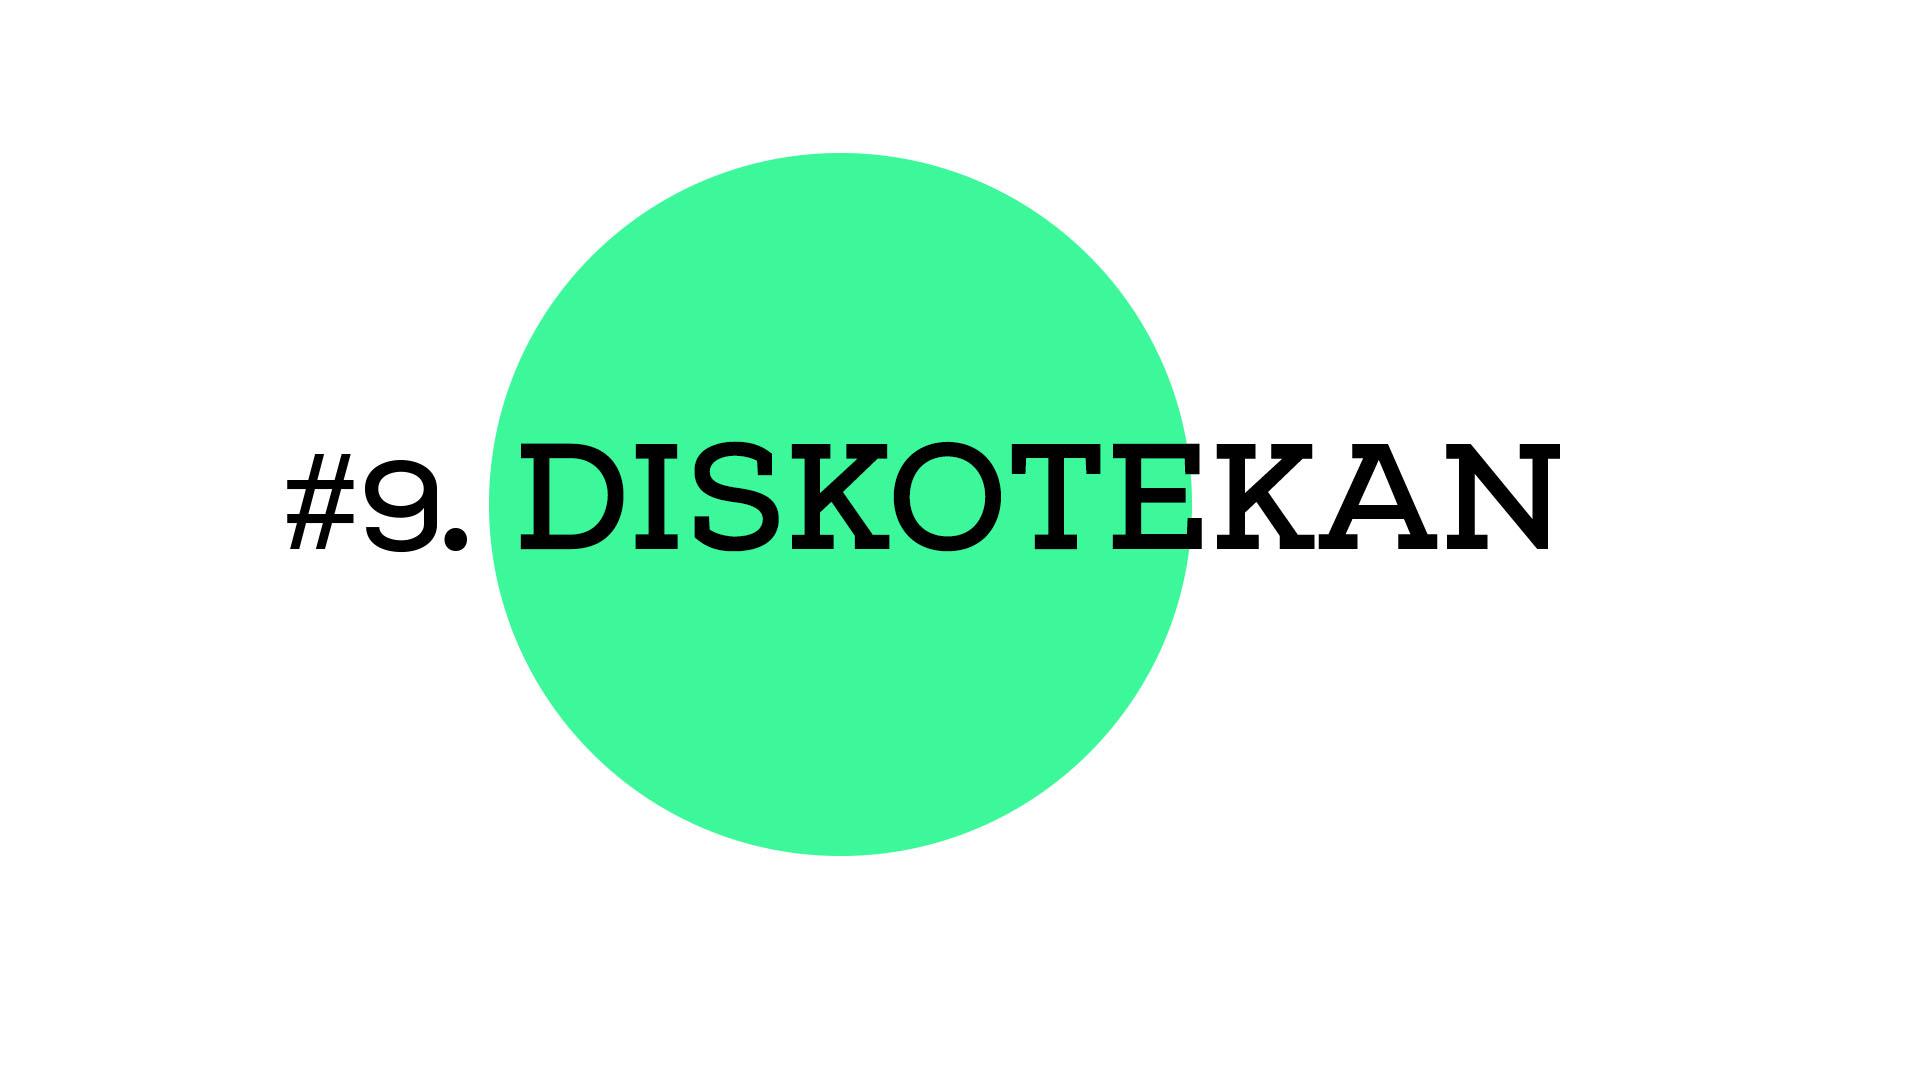 Diskotekan (A1E09)